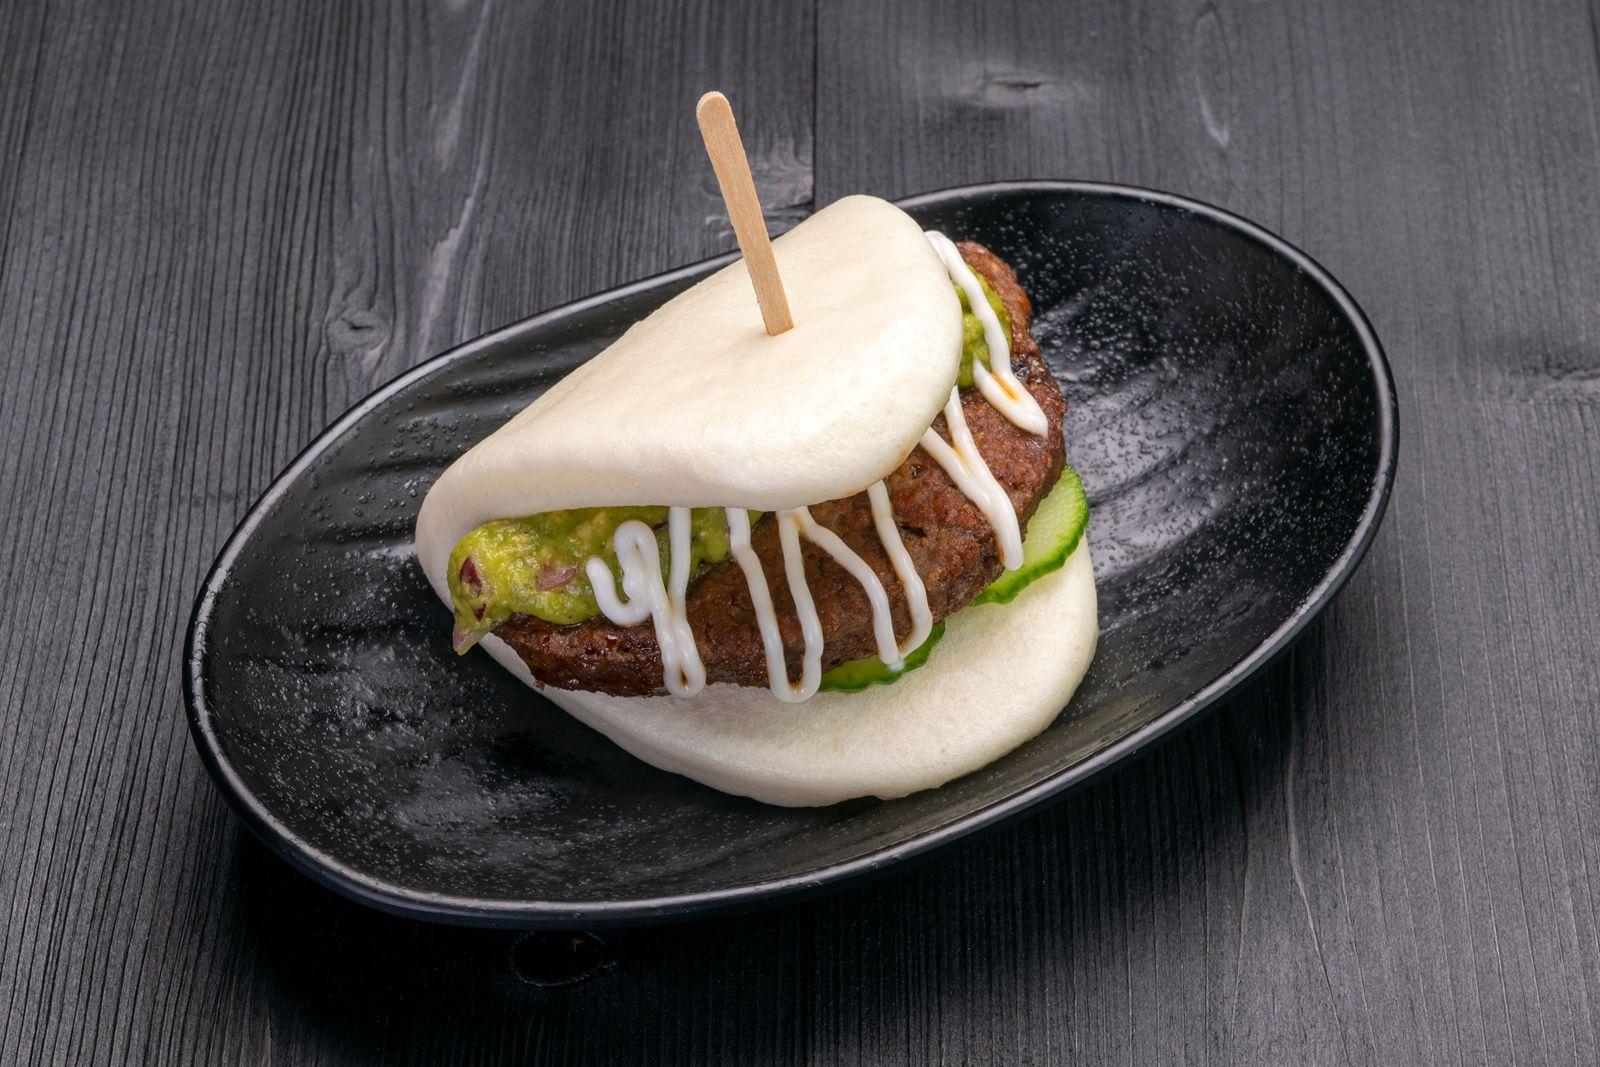 JINYA Ramen Bar lance de nouveaux éléments de menu à base de viande impossible à base de plantes